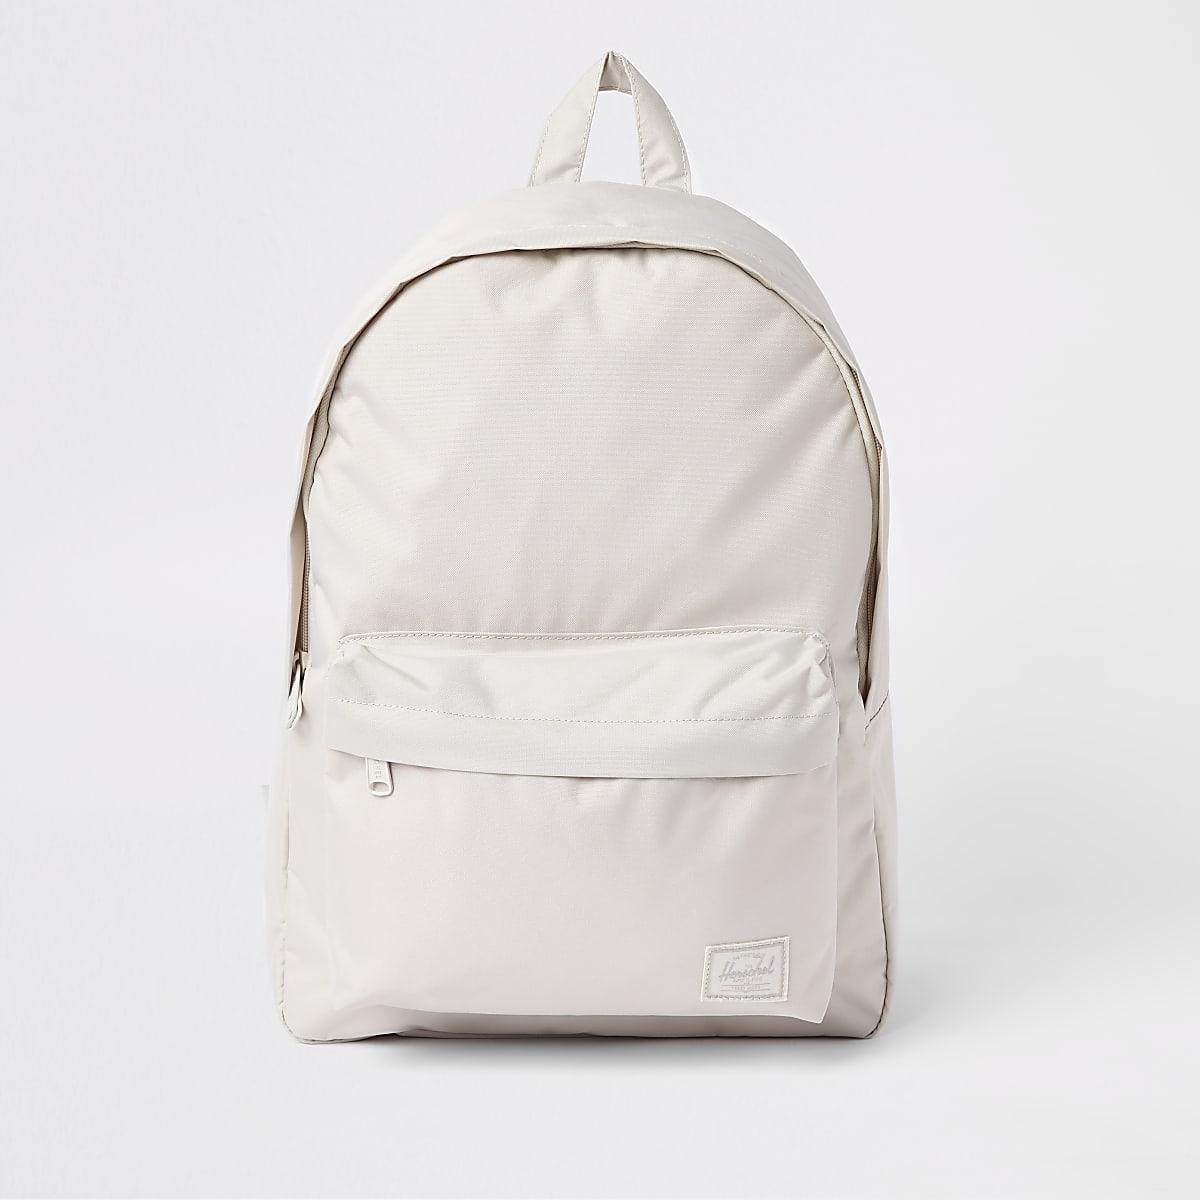 Herschel light grey Classic backpack